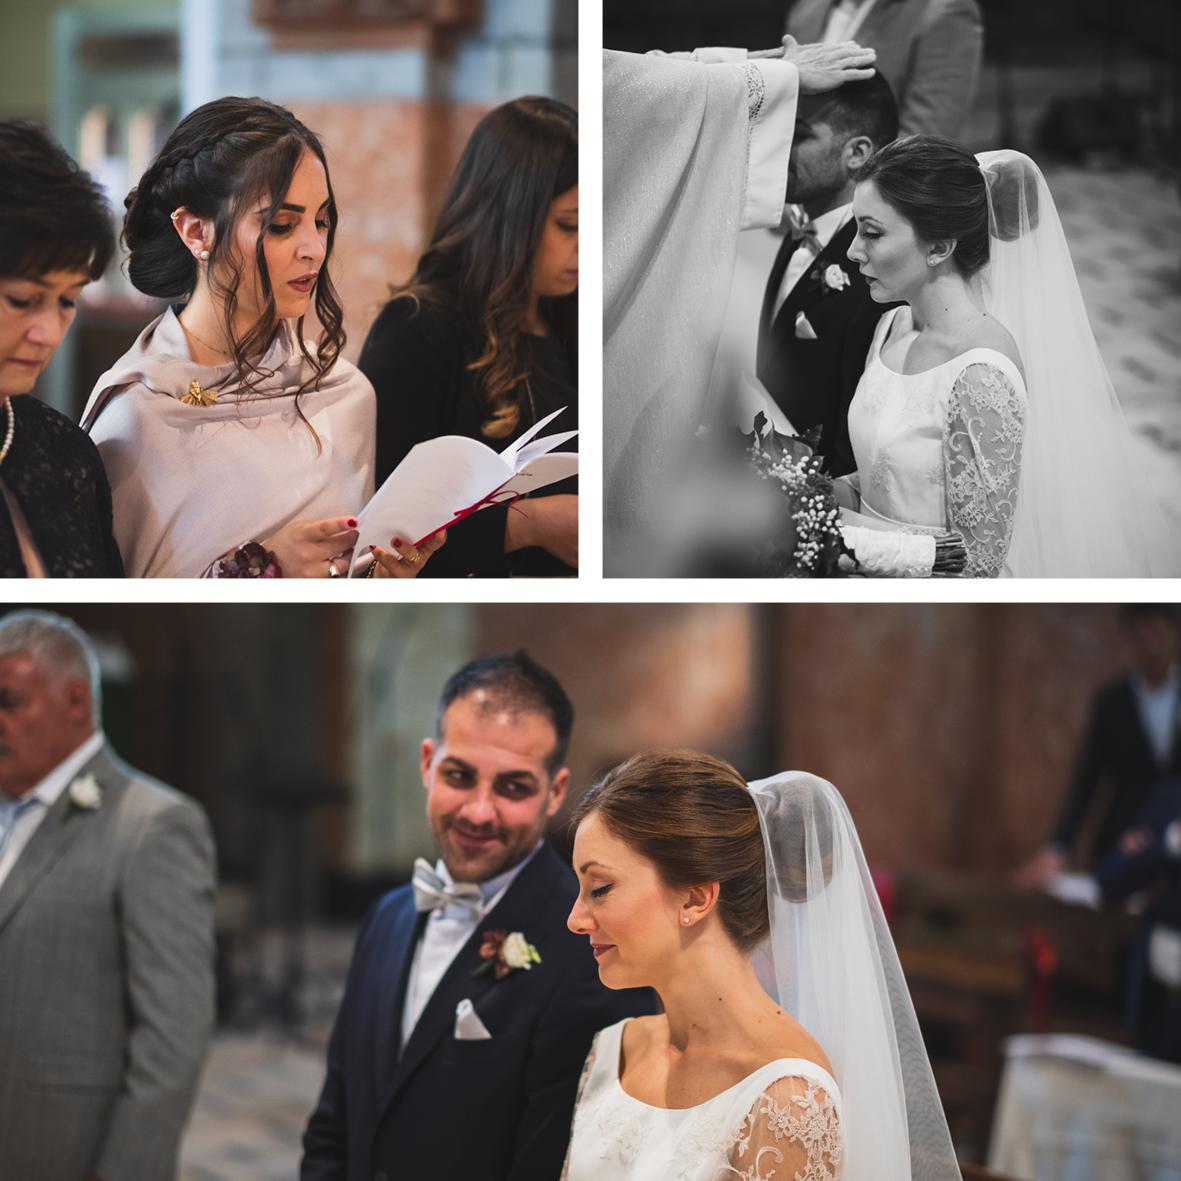 Fotografo matrimonio Brescia reportage di matrimonio Federico Rongaroli15